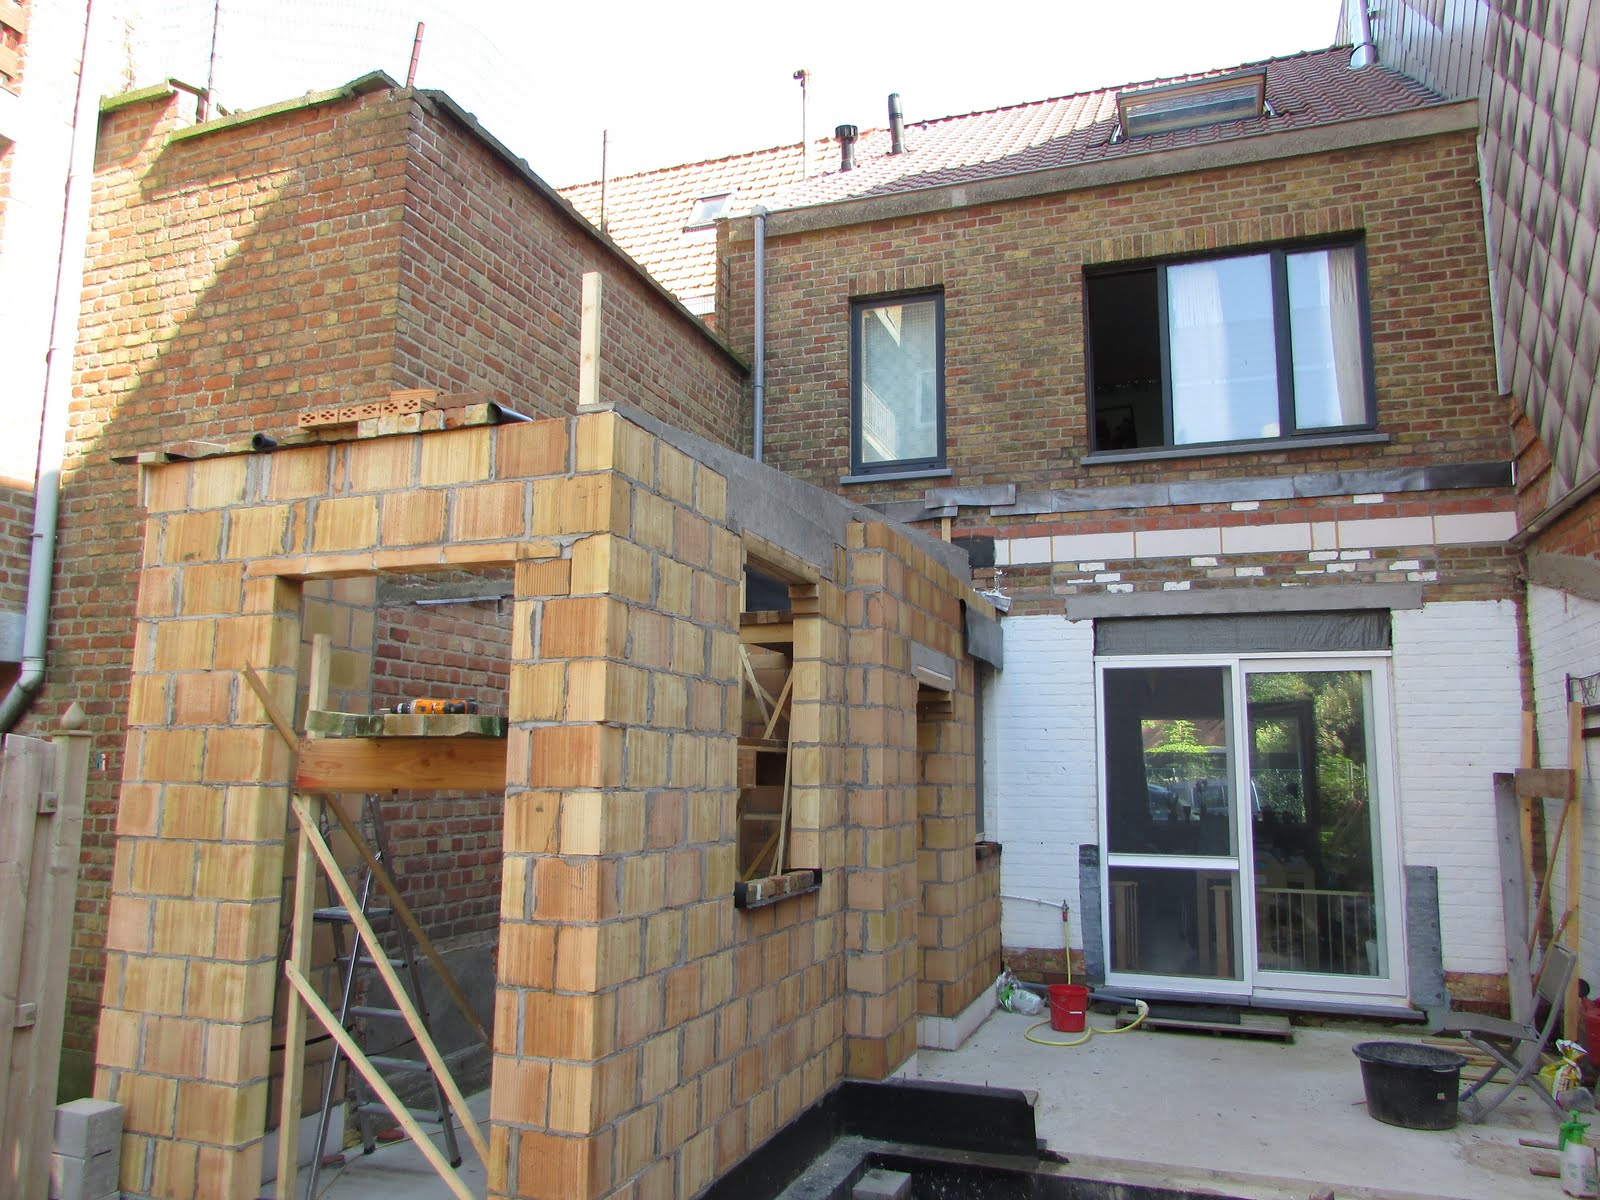 Uitbreiding Aan Huis : Verbouwing van ons ouderlijk huis ruwbouw uitbreiding